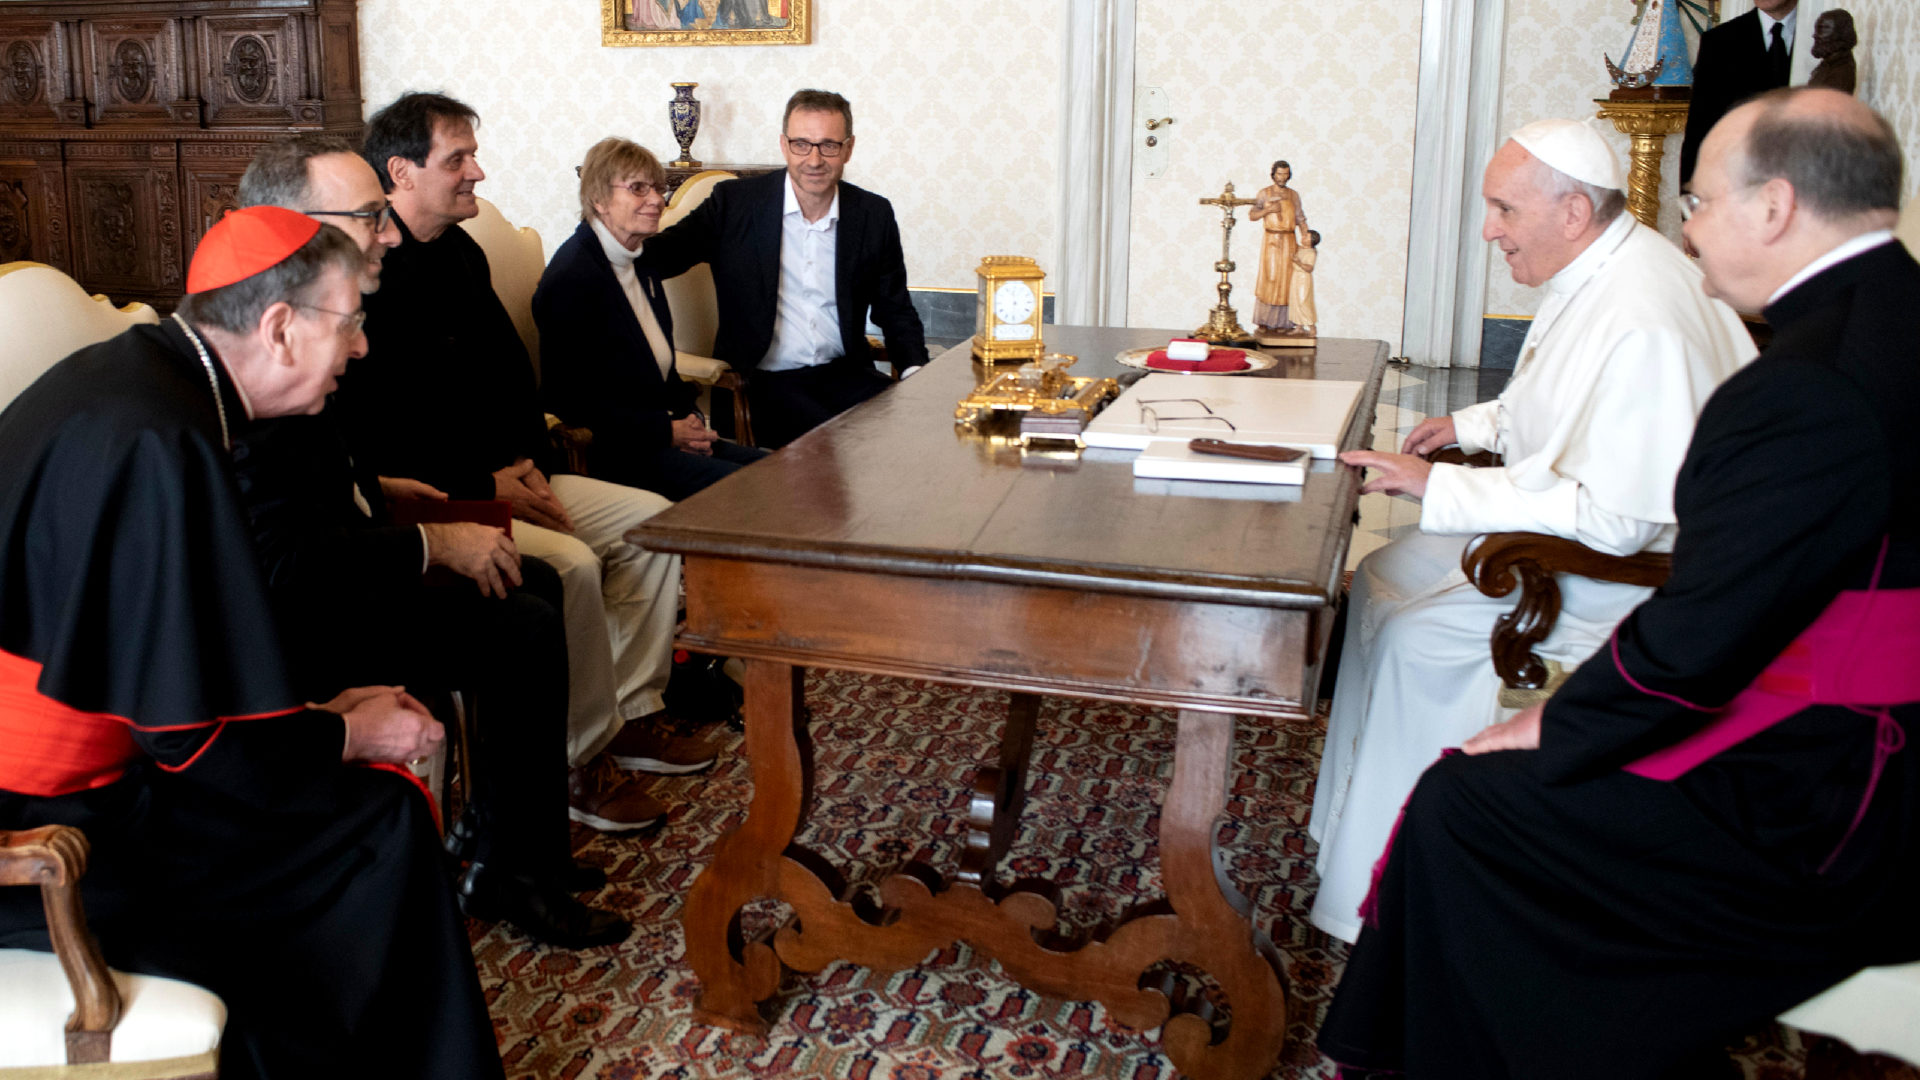 Die Delegation aus der Schweiz während der Privataudienz beim Papst |  © Servizio Fotografico - Vatican Media